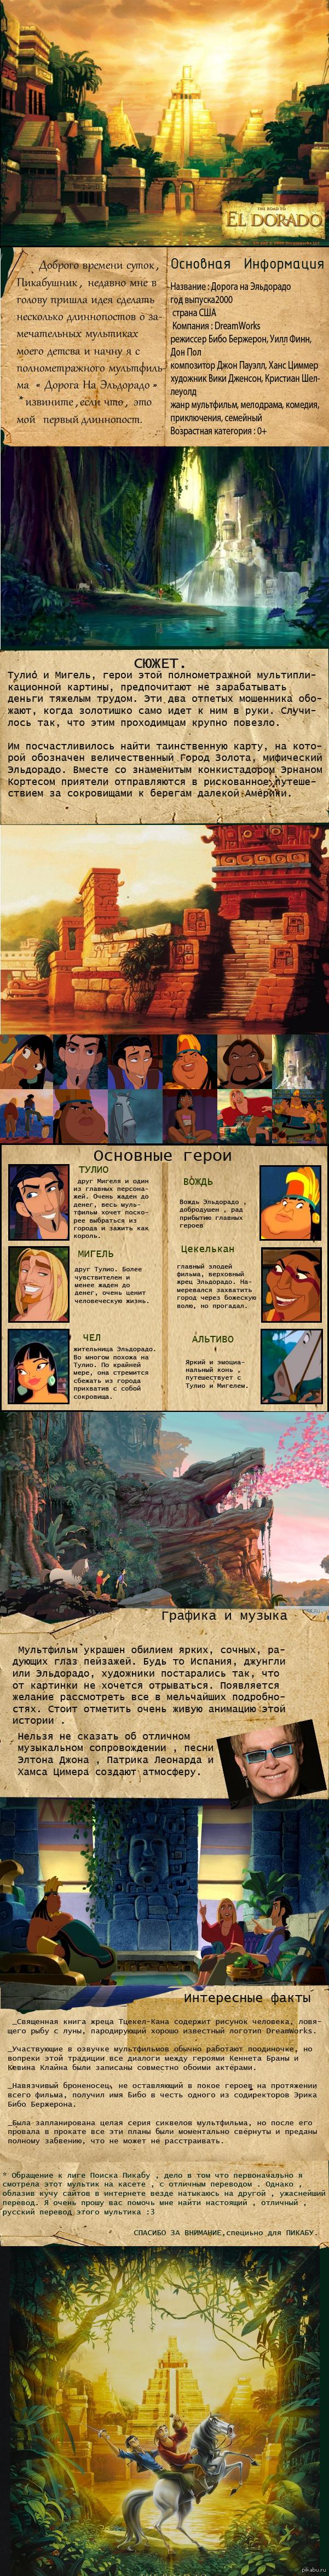 Дорога На Эльдорадо Мультфильм